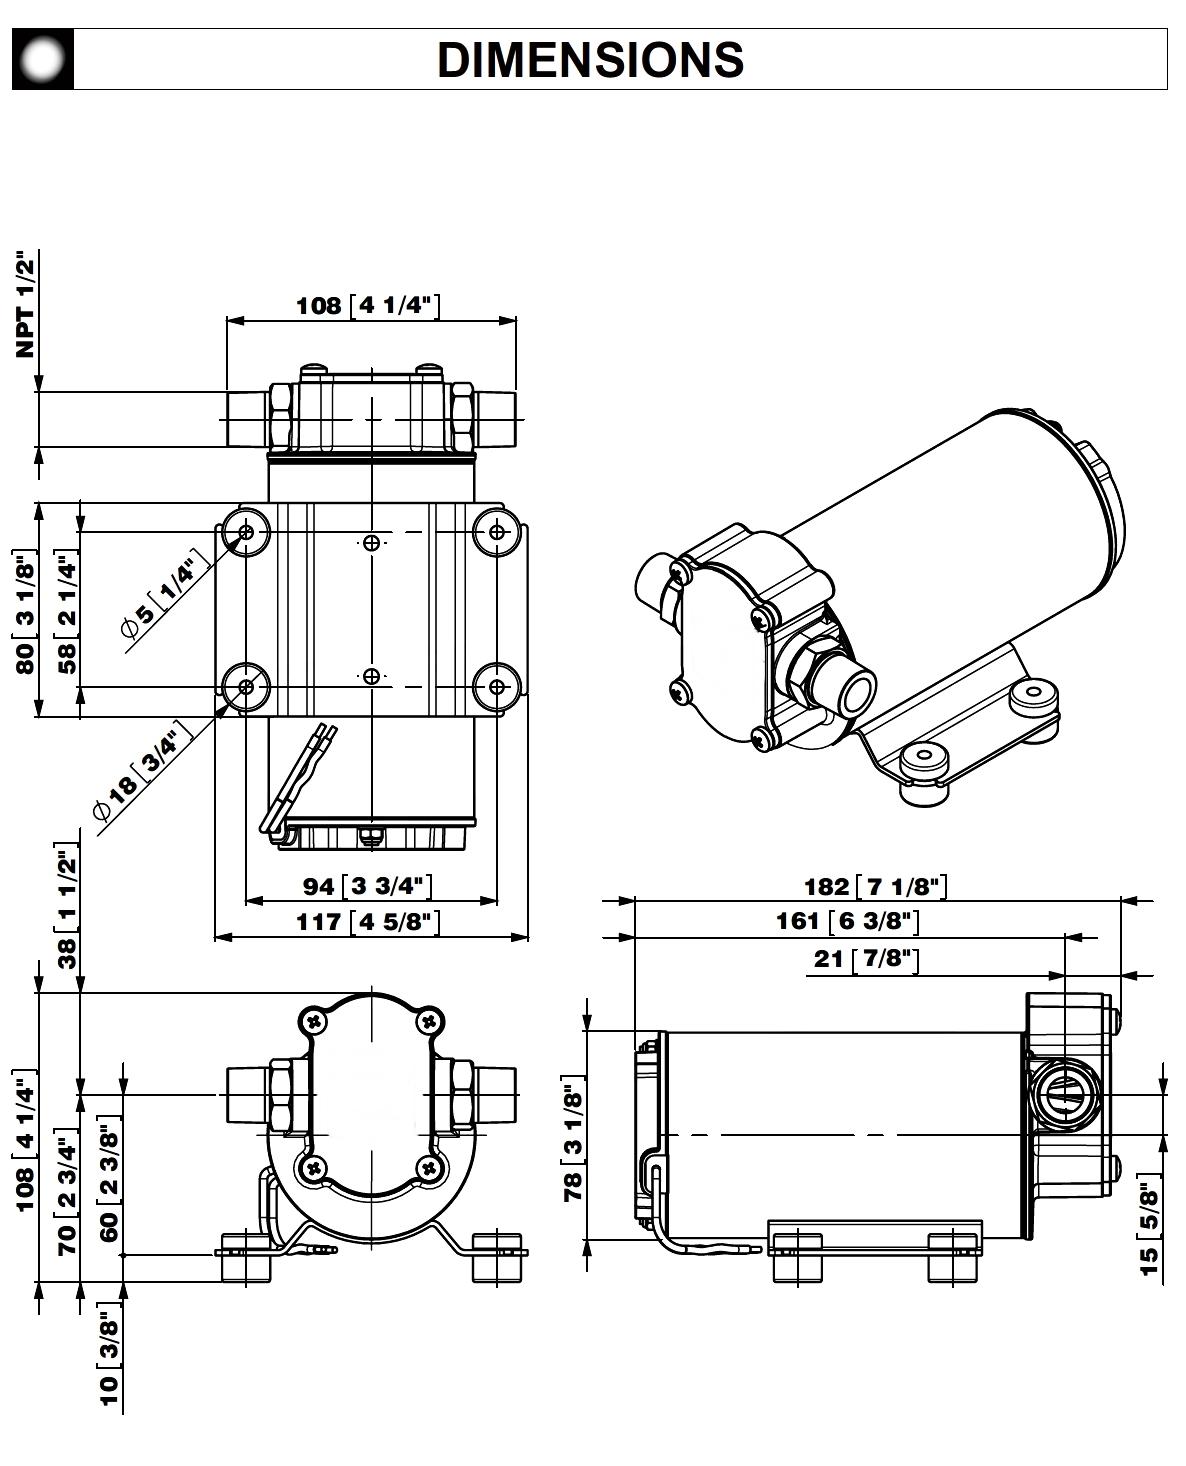 gp-602-dimensions.jpg